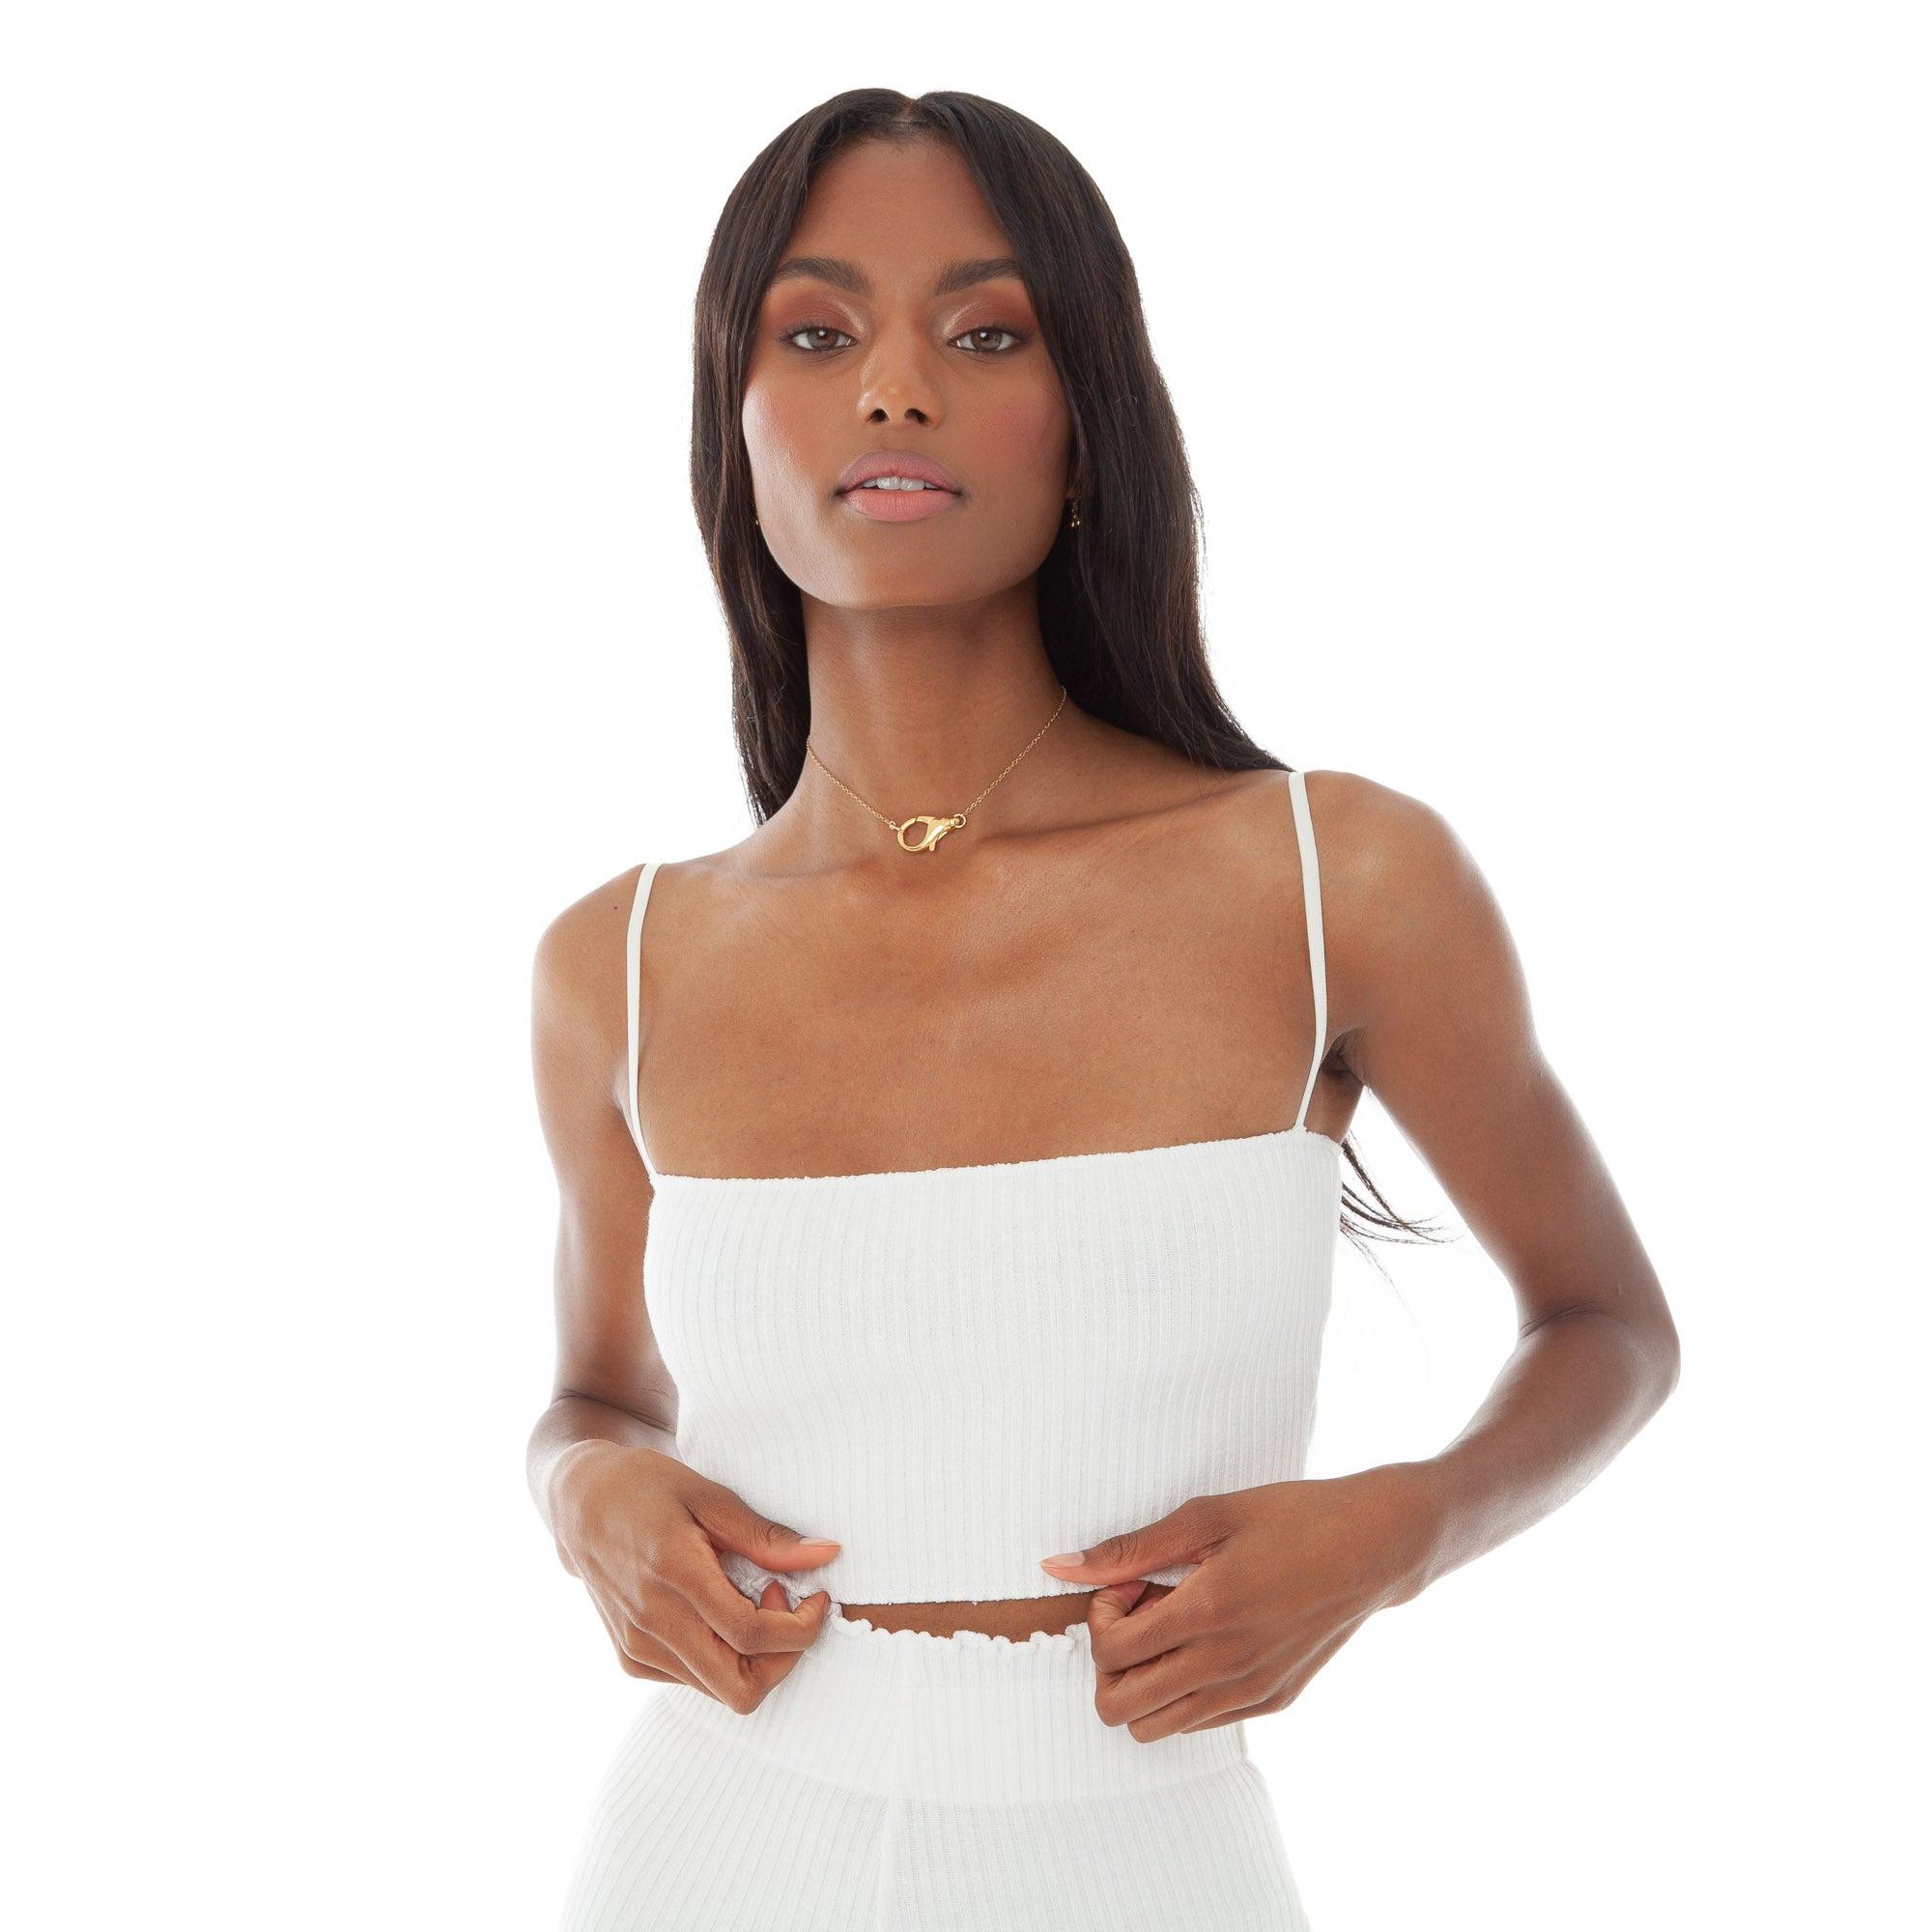 Minka in white lingerie